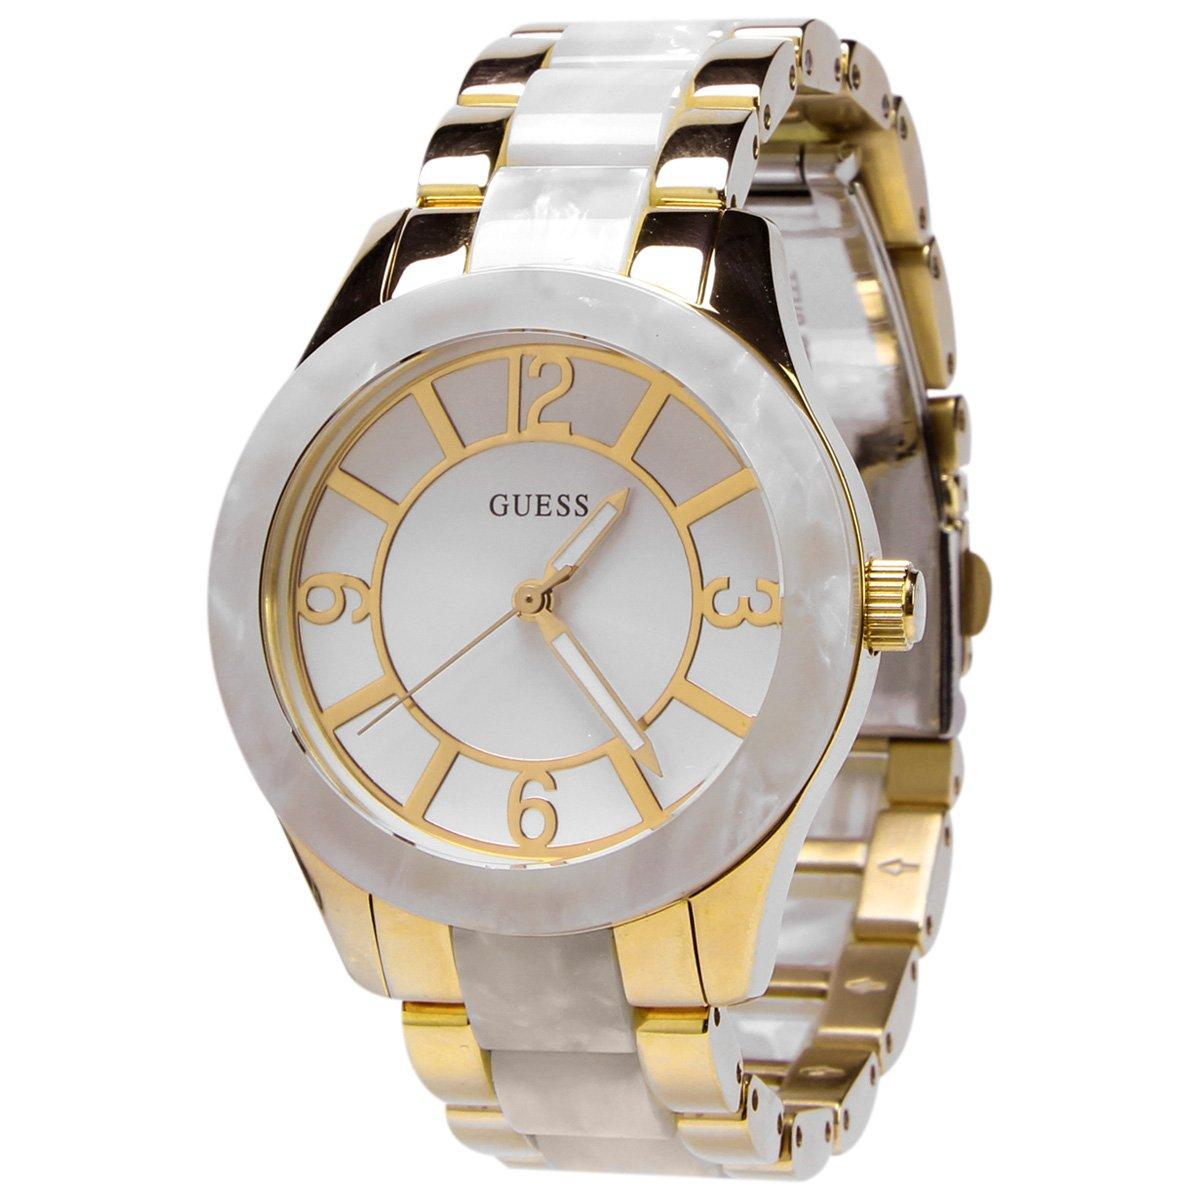 c59fef53405b2 Relógio Guess Madre Pérola - Compre Agora   Zattini